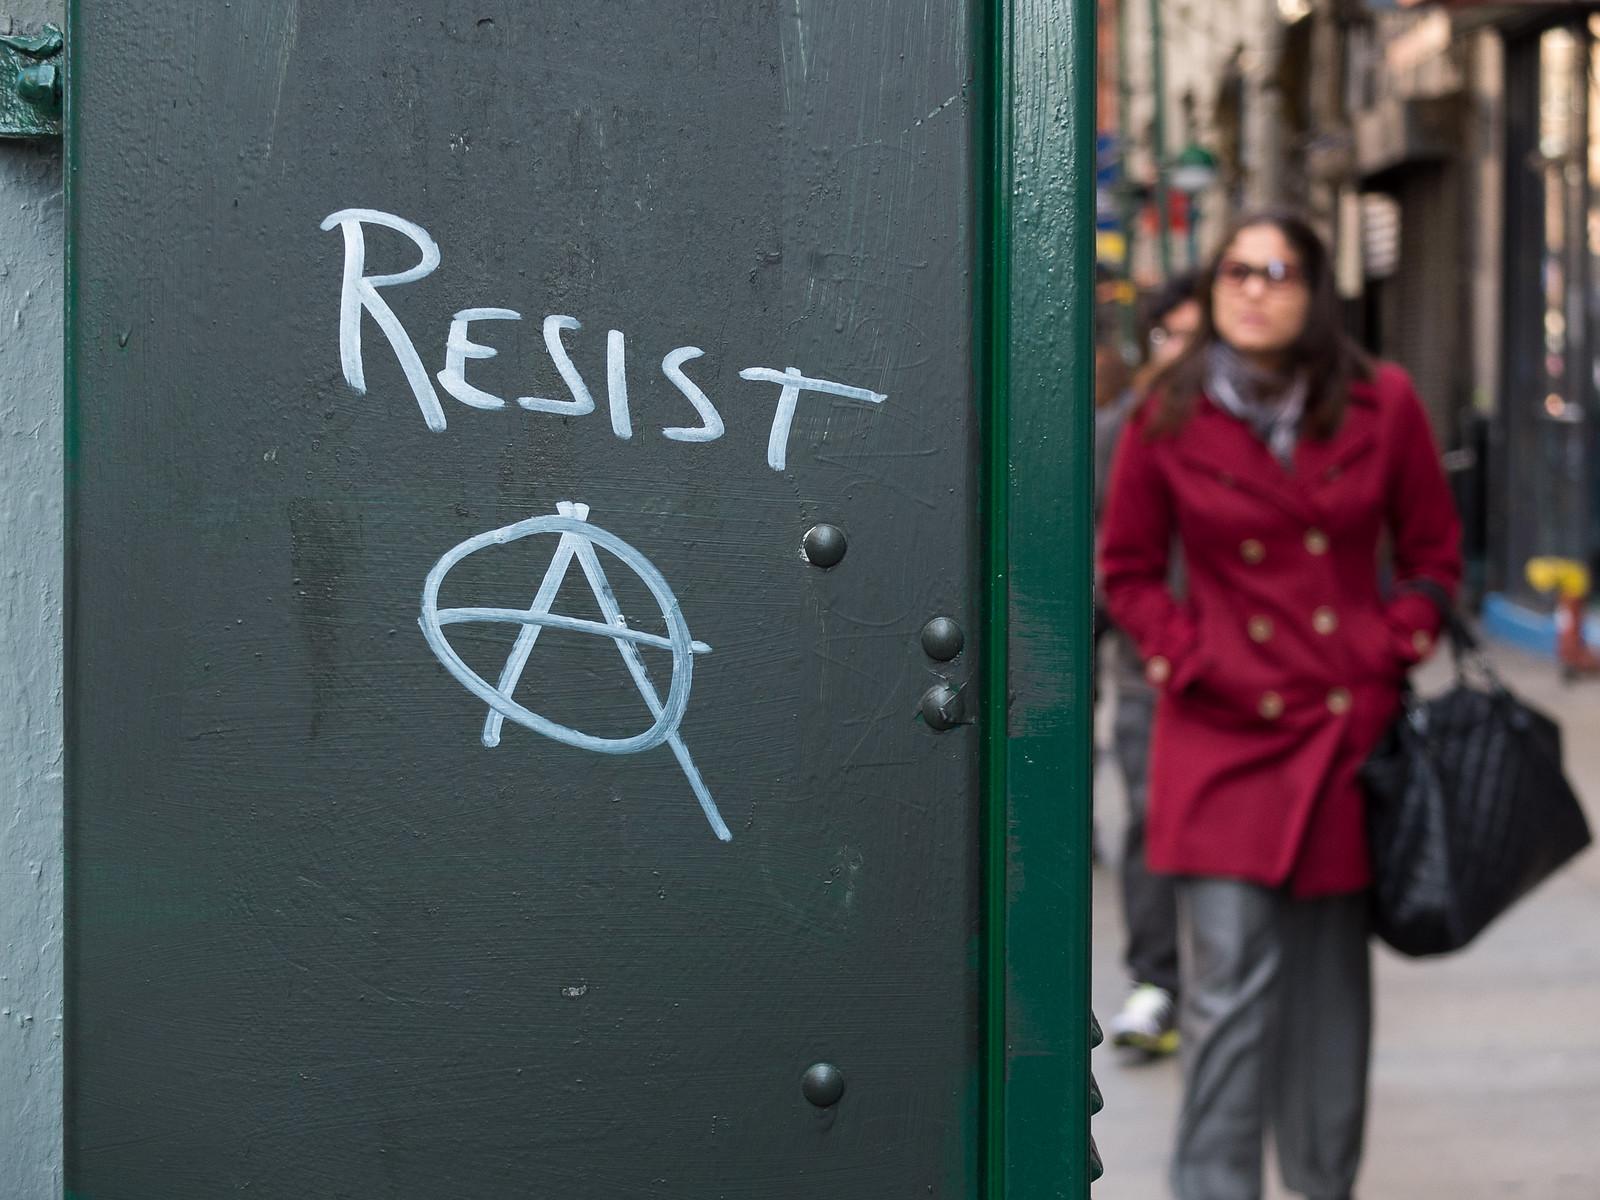 Resist by wwward0